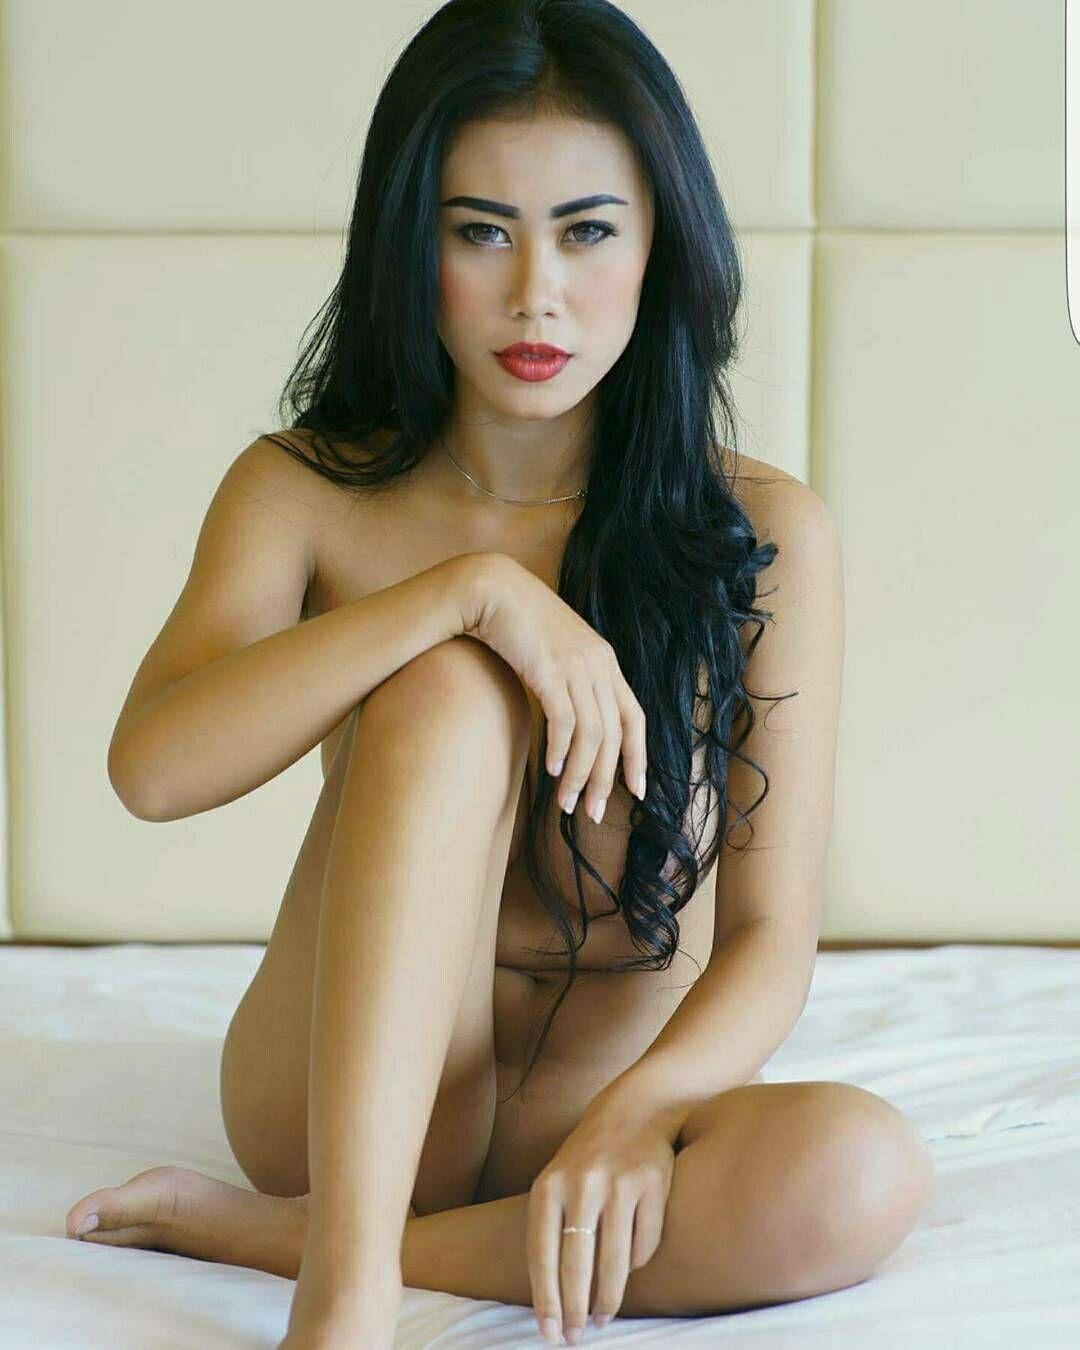 Gavriena Astaris Modelcantik Modelseksi Model Modelbugil Modelhot Modelindonesia Indonesiamodel